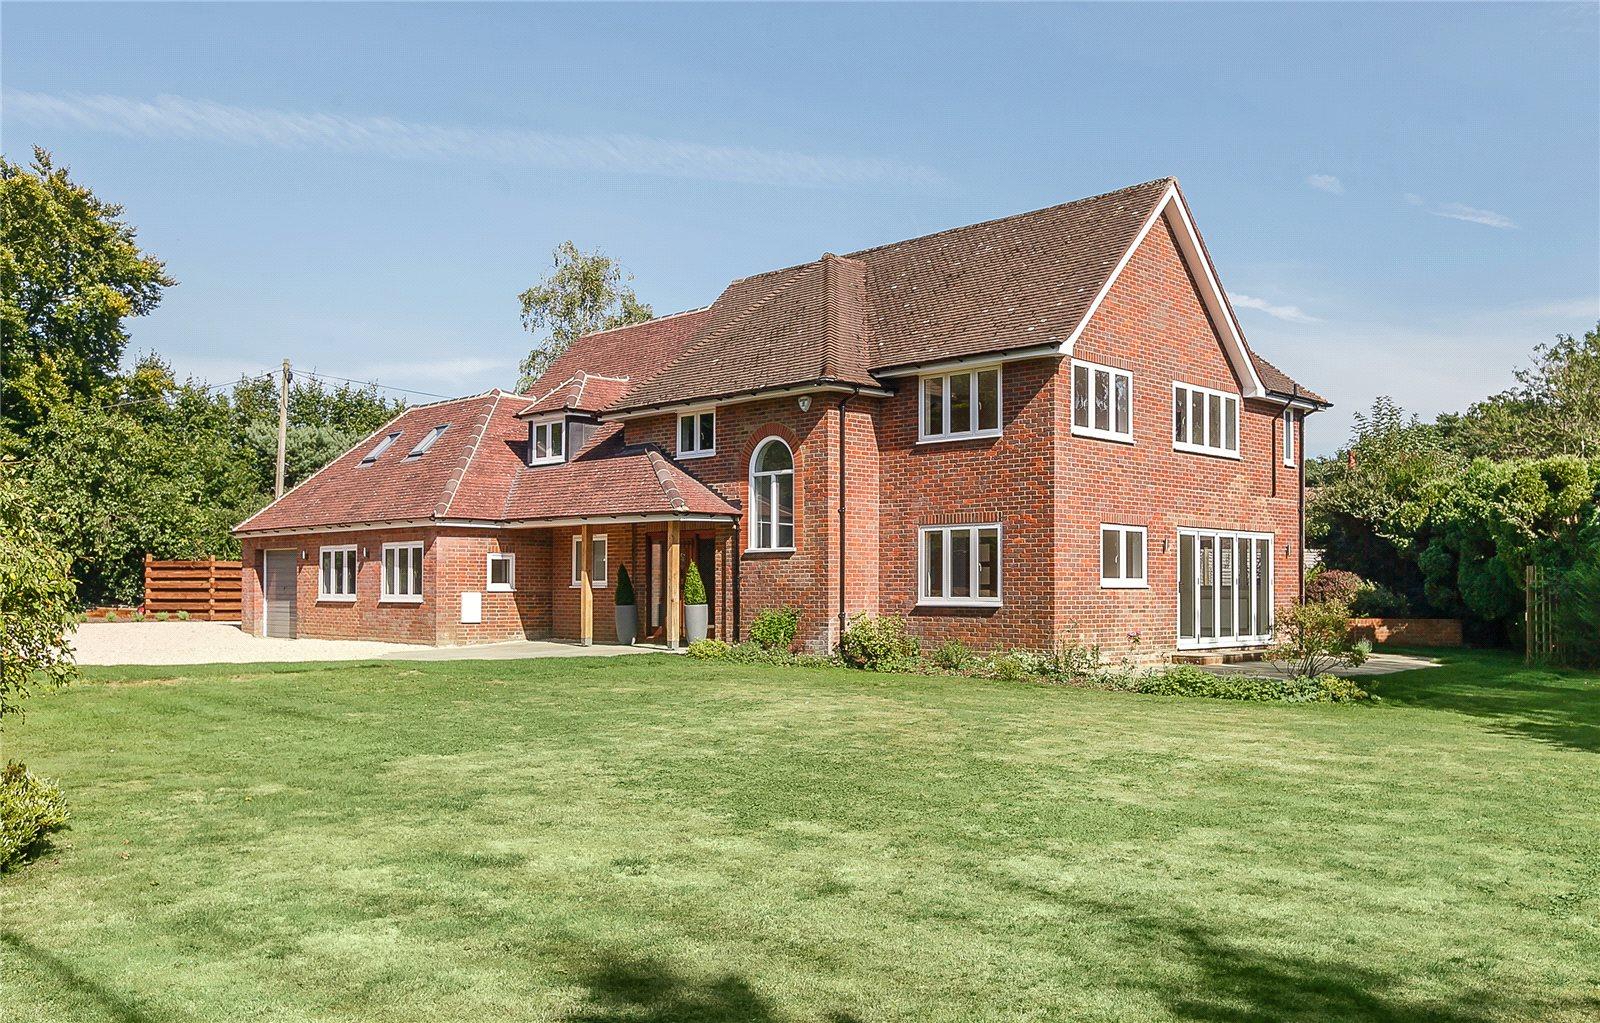 Μονοκατοικία για την Πώληση στο Hudnall Lane, Little Gaddesden, Berkhamsted, Hertfordshire, HP4 Berkhamsted, Αγγλια